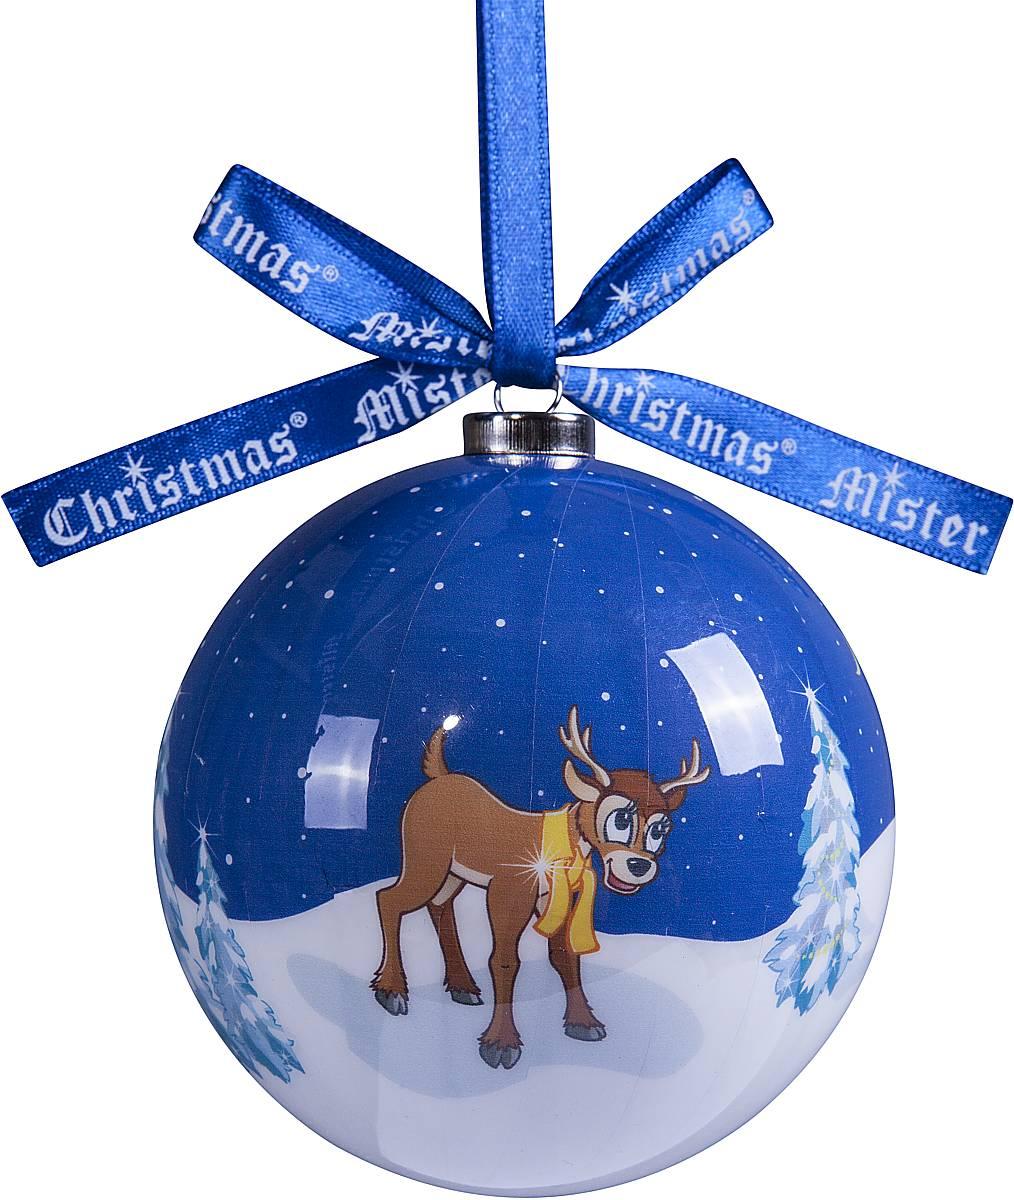 Украшение новогоднее подвесное Mister Christmas Папье-маше, диаметр 7,5 см. PM-55TM-S-SET/2Подвесное украшение Mister Christmas Папье-маше выполнено вручную из бумаги и покрыто несколькими слоями лака. Такой шар очень легкий, но в то же время удивительно прочный. На создание одной такой игрушки уходит несколько дней. И в результате получается настоящее произведение искусства! Изделие оснащено атласной ленточкой с логотипом бренда Mister Christmas для подвешивания. Такое украшение станет превосходным подарком к Новому году, а так же дополнит коллекцию оригинальных новогодних елочных игрушек.